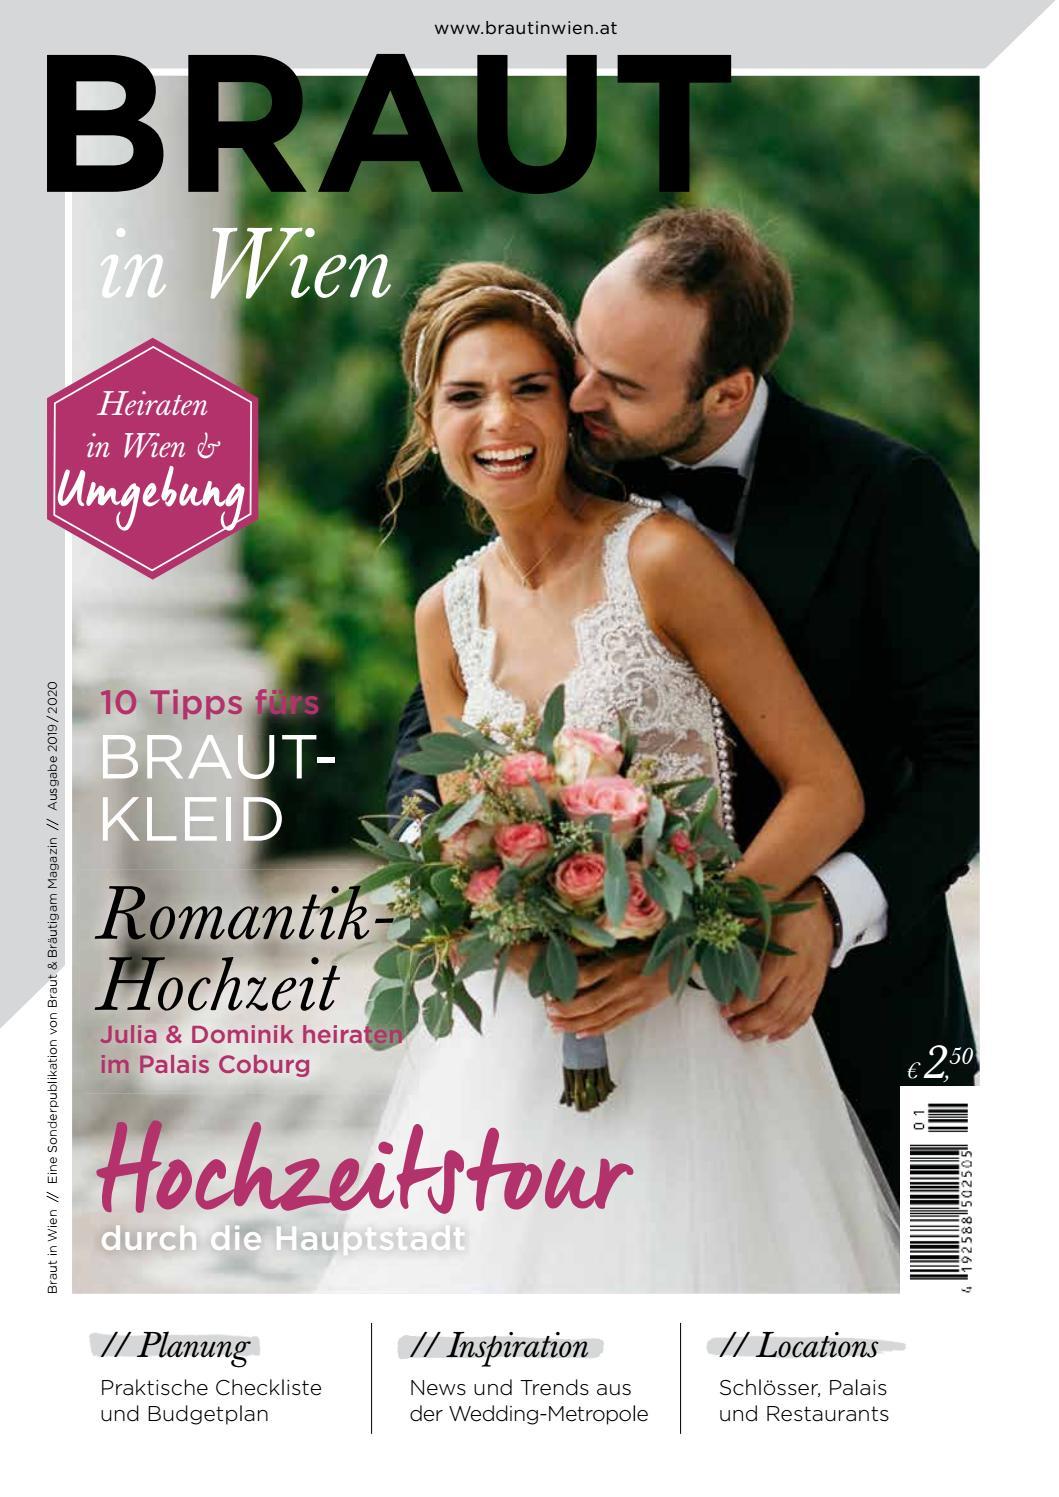 Die Strahlende Braut Tipps Zur Beautypflege Vor Der Hochzeit